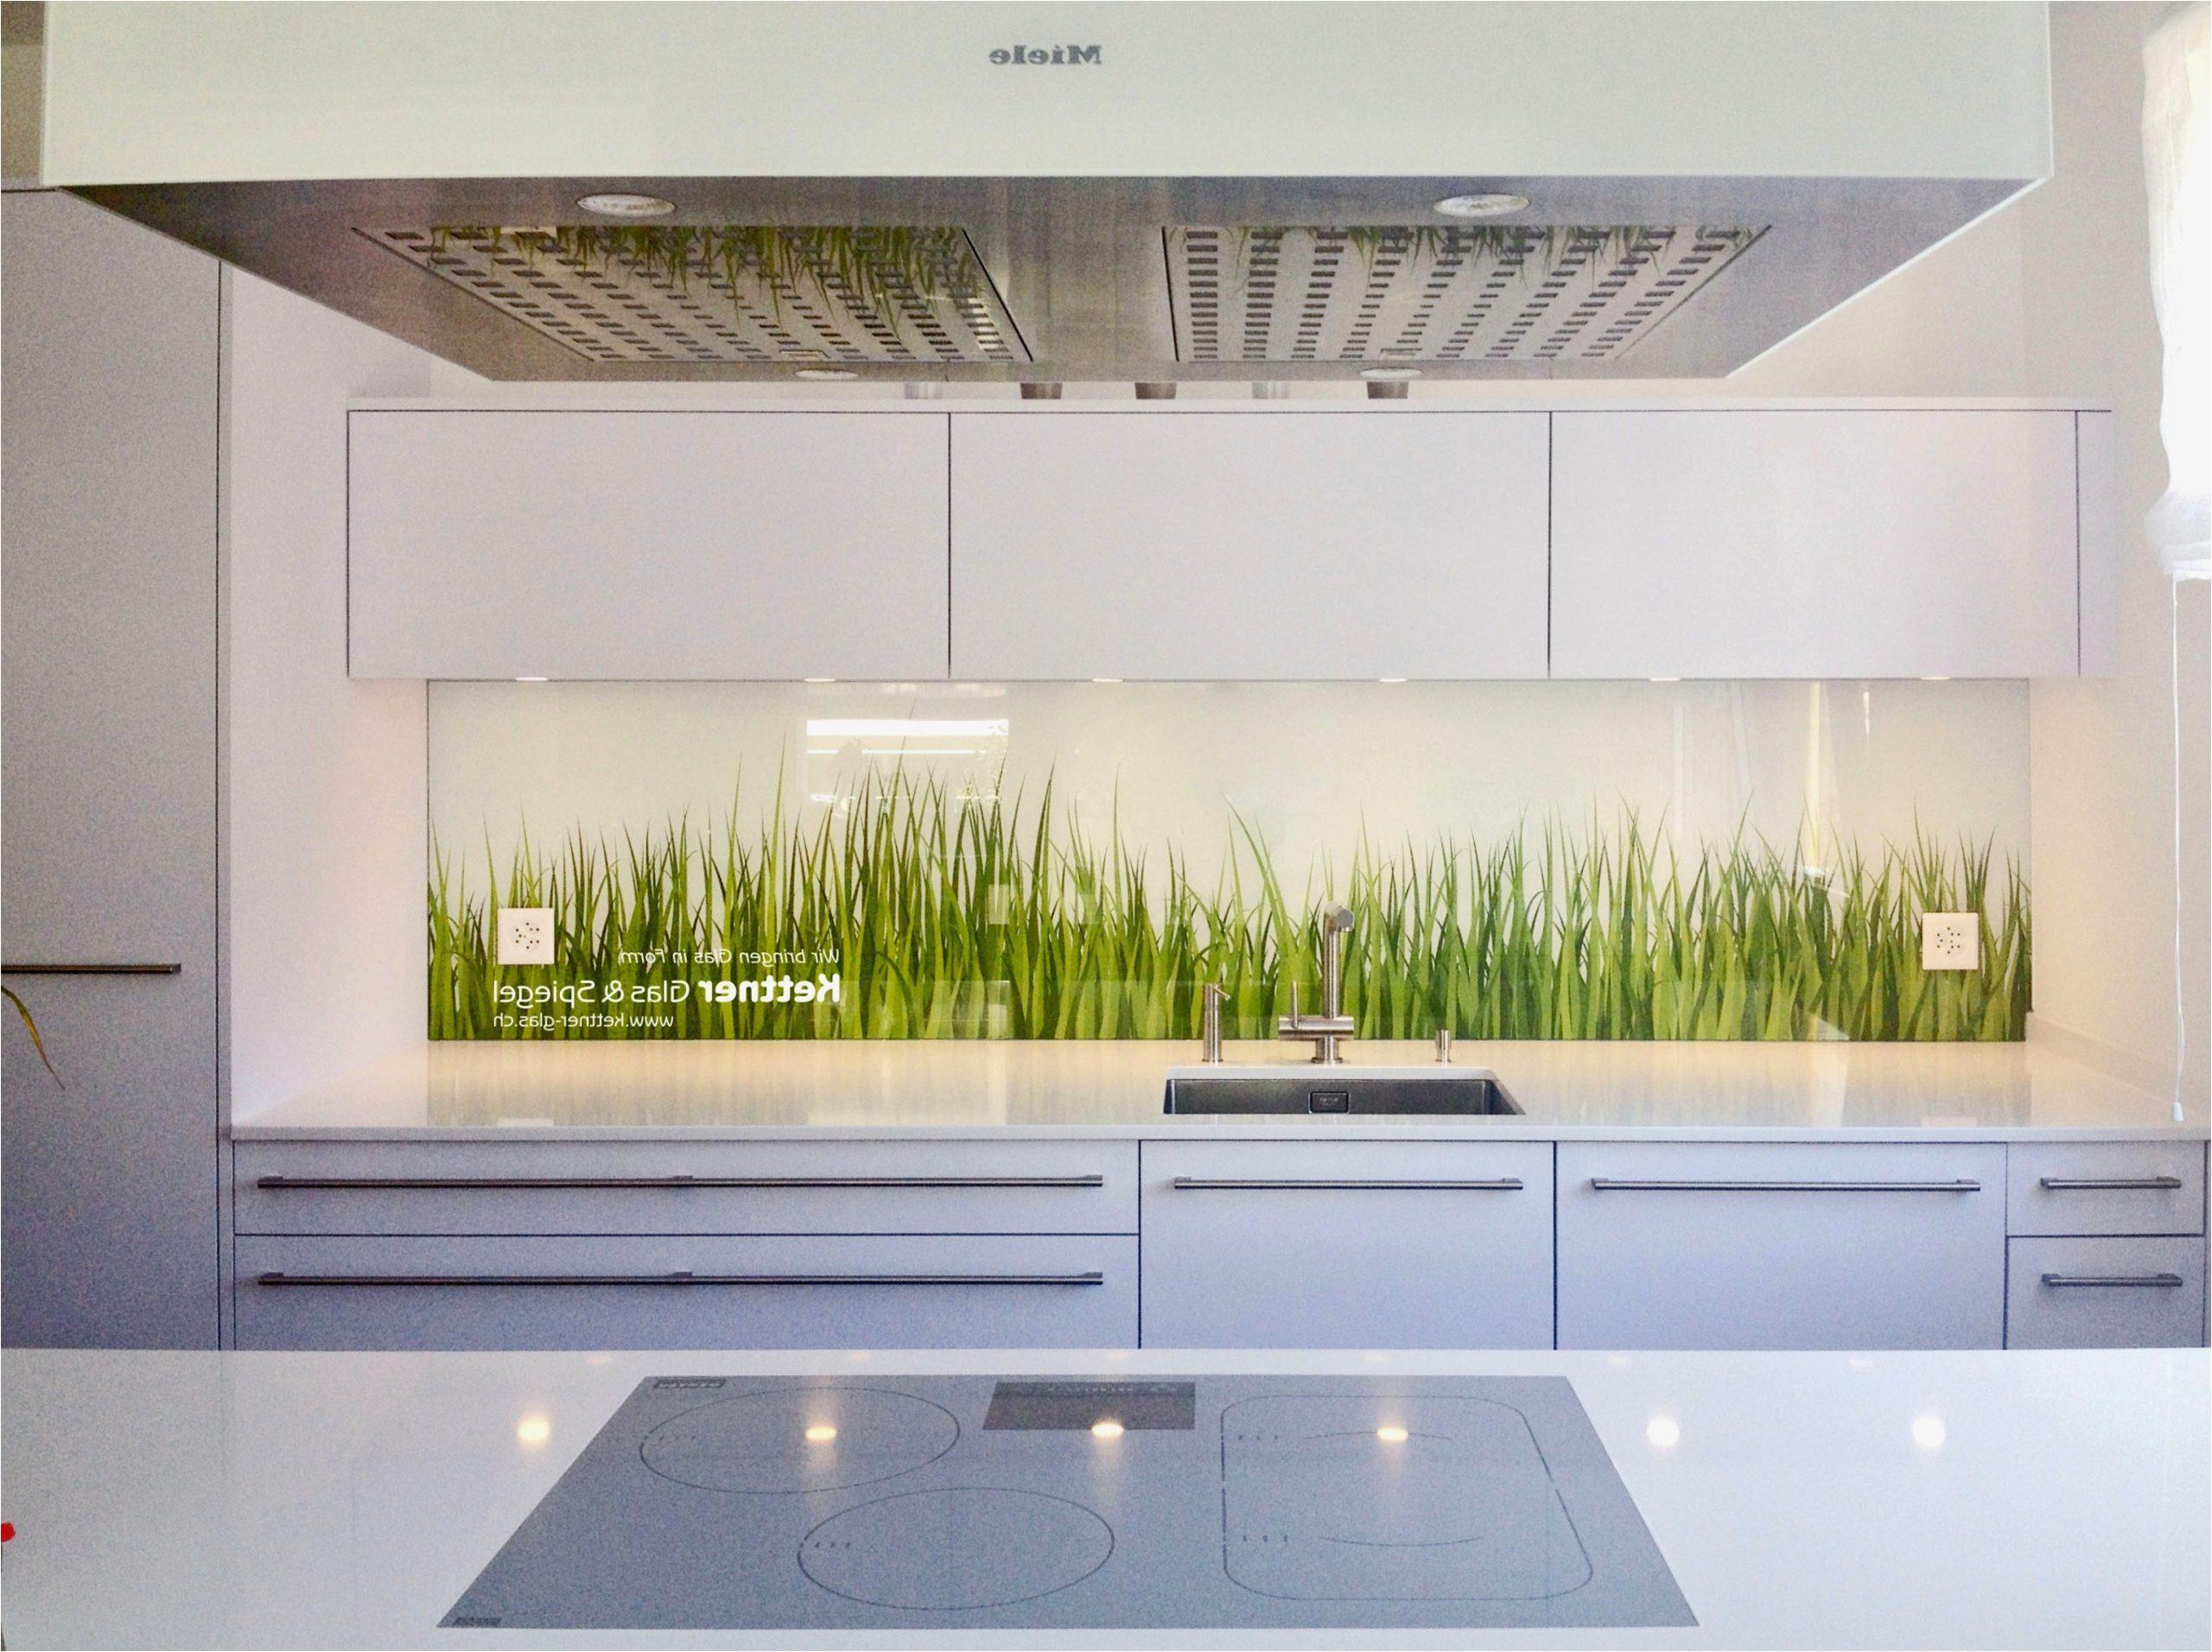 Küche Wasserhahn Landhaus Küche Vorhang Fantastisch Gardinen K C3 Bcche 83 Che